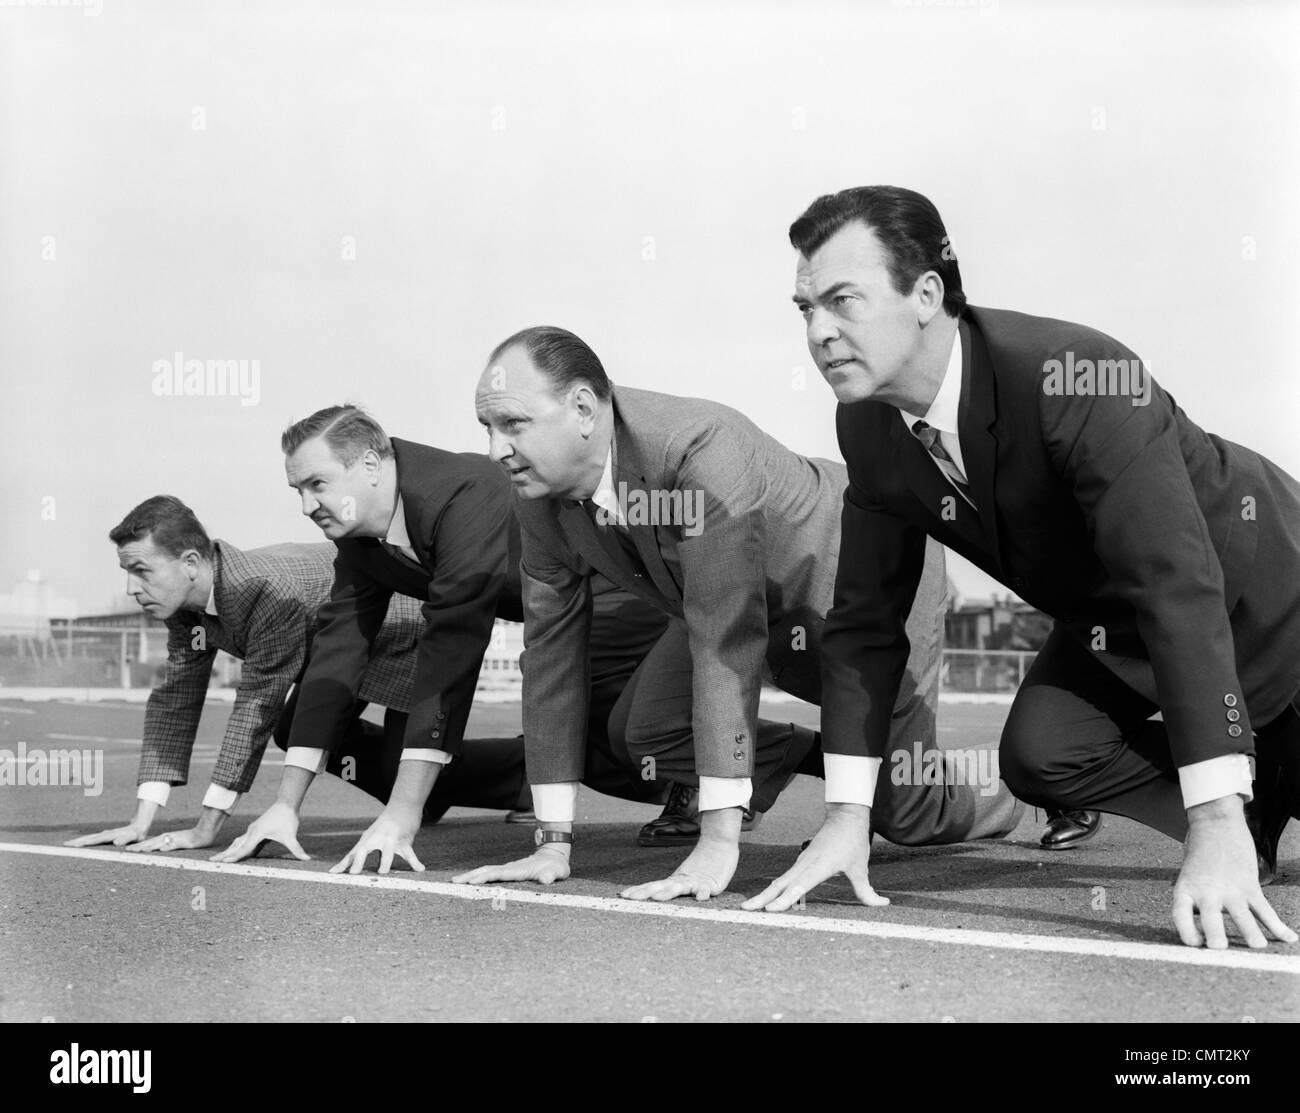 1960ER JAHREN VIER GESCHÄFTSLEUTEN AUF DER STARTLINIE Stockbild